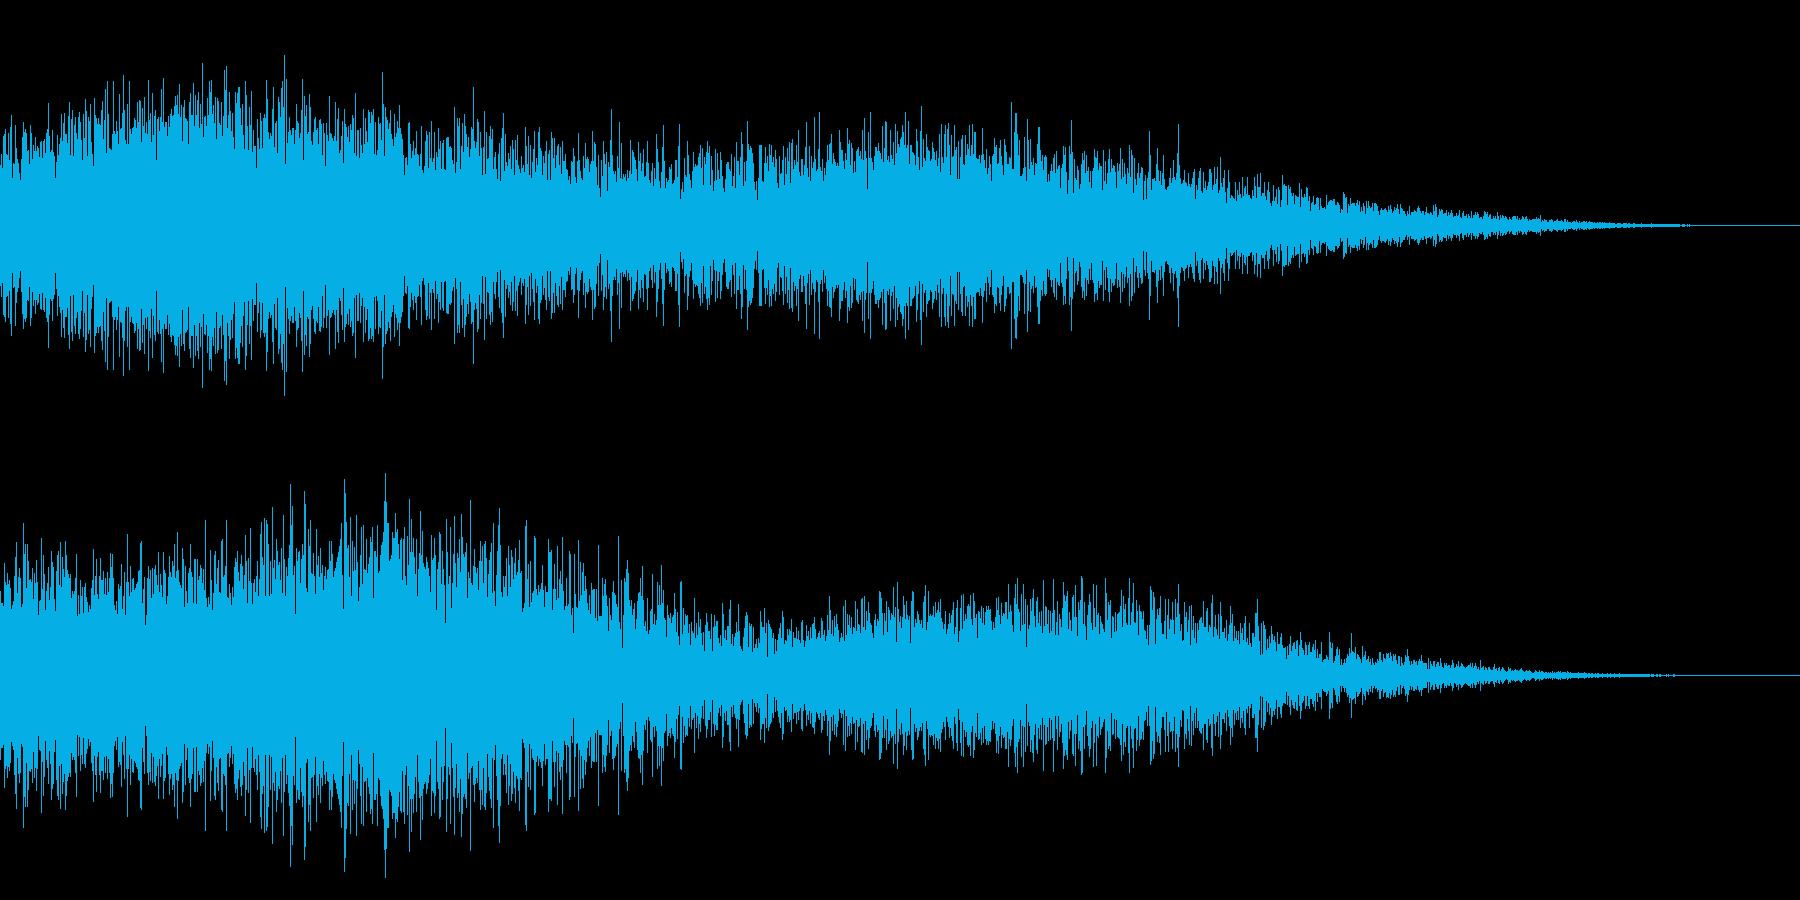 ホラー系アタック音37の再生済みの波形